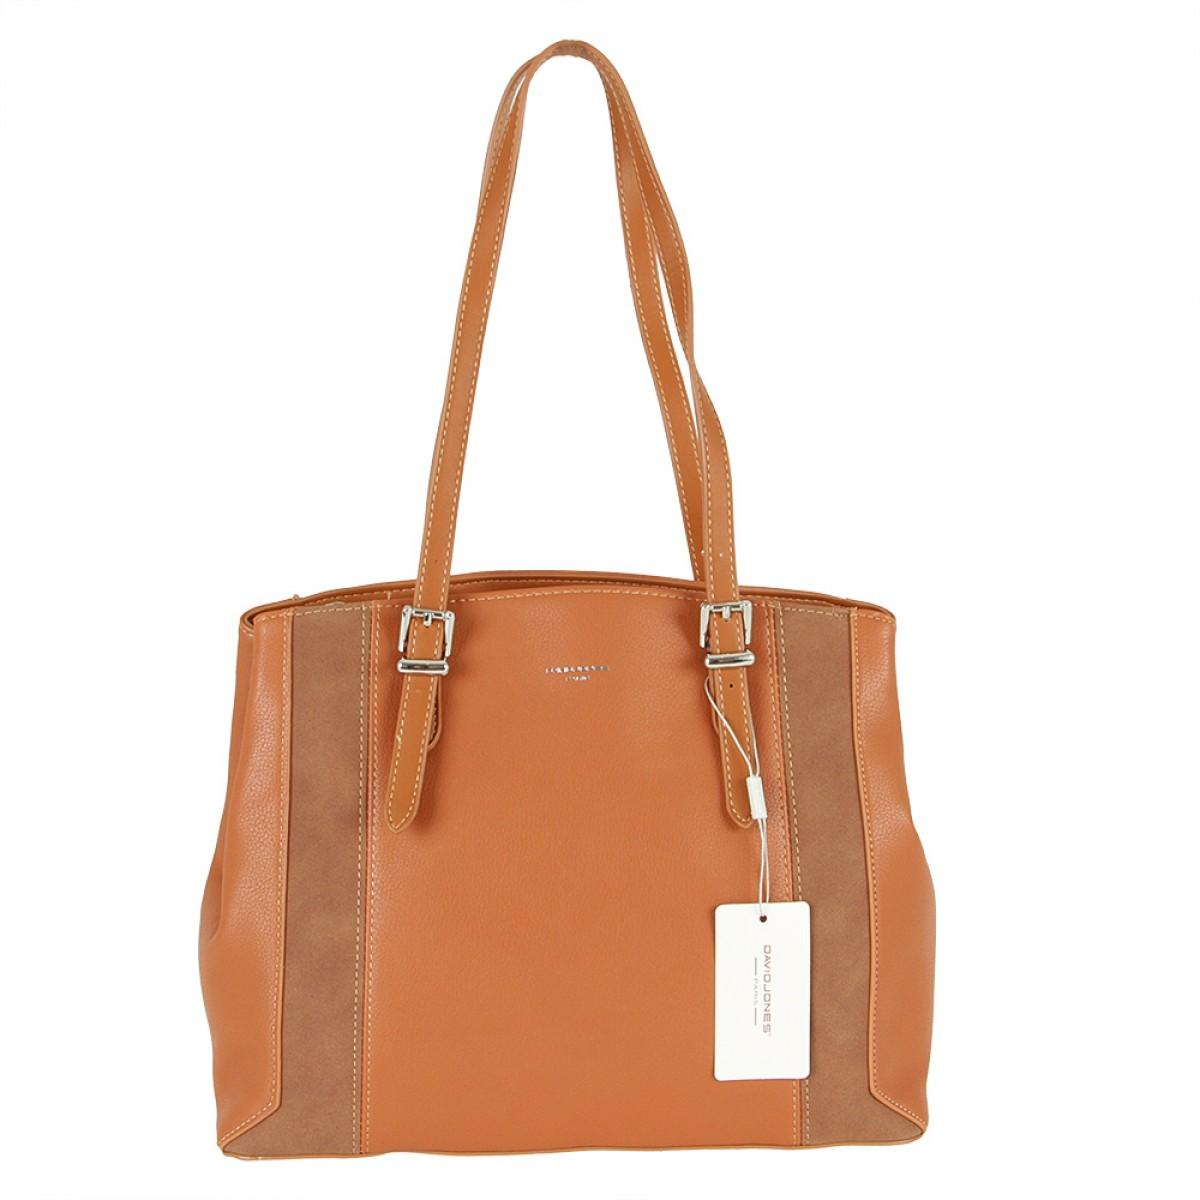 Жіноча сумка David Jones 6175-2 COGNAC